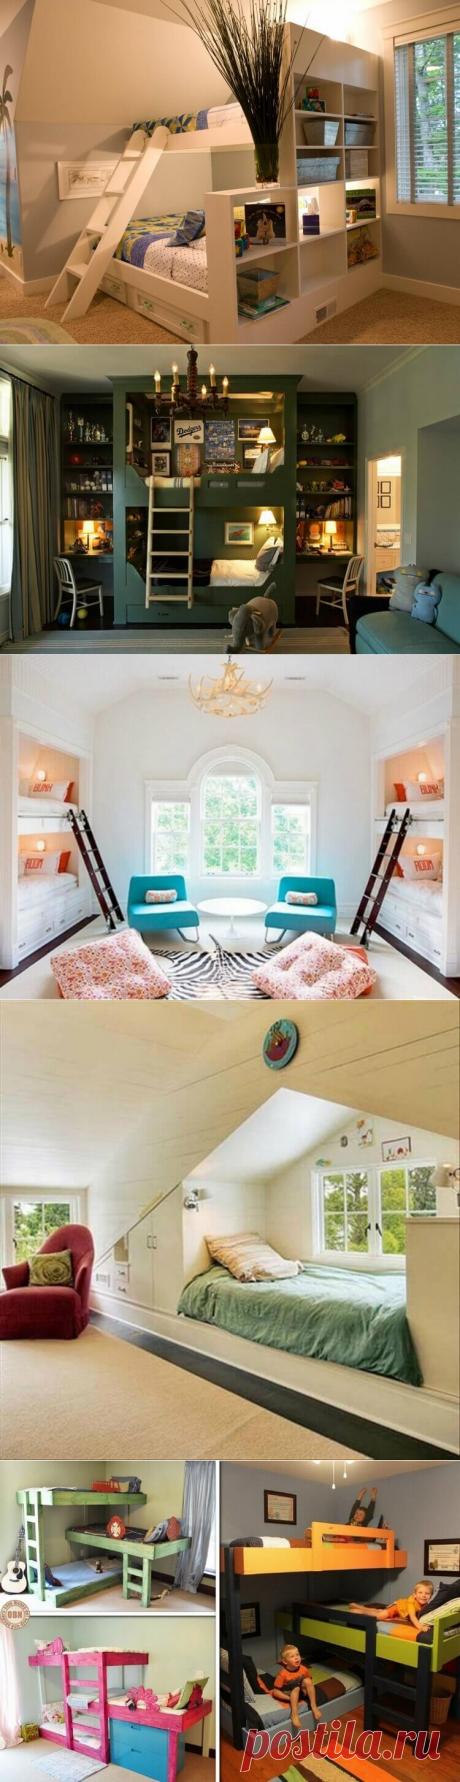 De 19 camas admirables y los dormitorios para las familias grandes y los espacios minúsculos